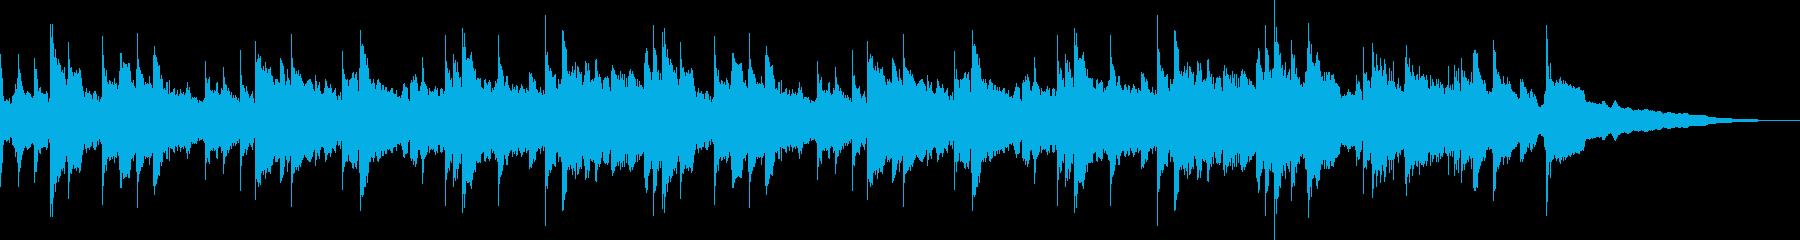 アコギの素直な音色を活かした多重録音の再生済みの波形